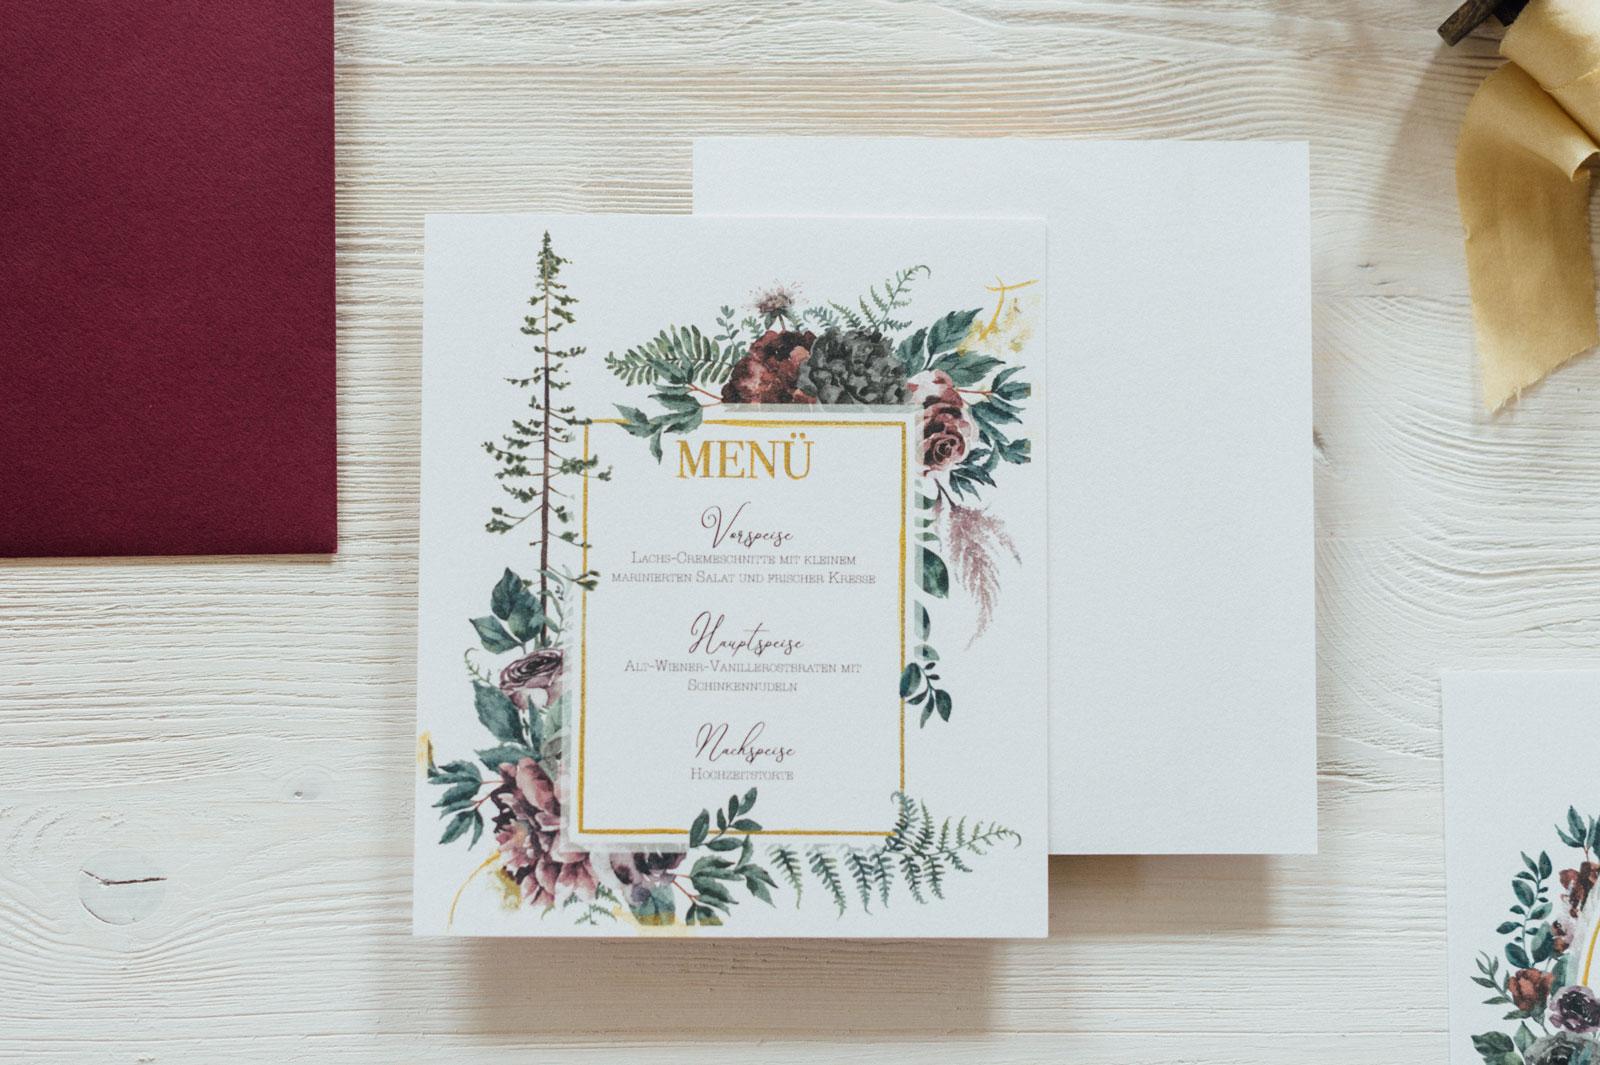 Herbst Menükarten Hochzeitskarten Hochzeitspapeterie Burgund Wald Hirsch Hochzeitsmotto Wald Natur